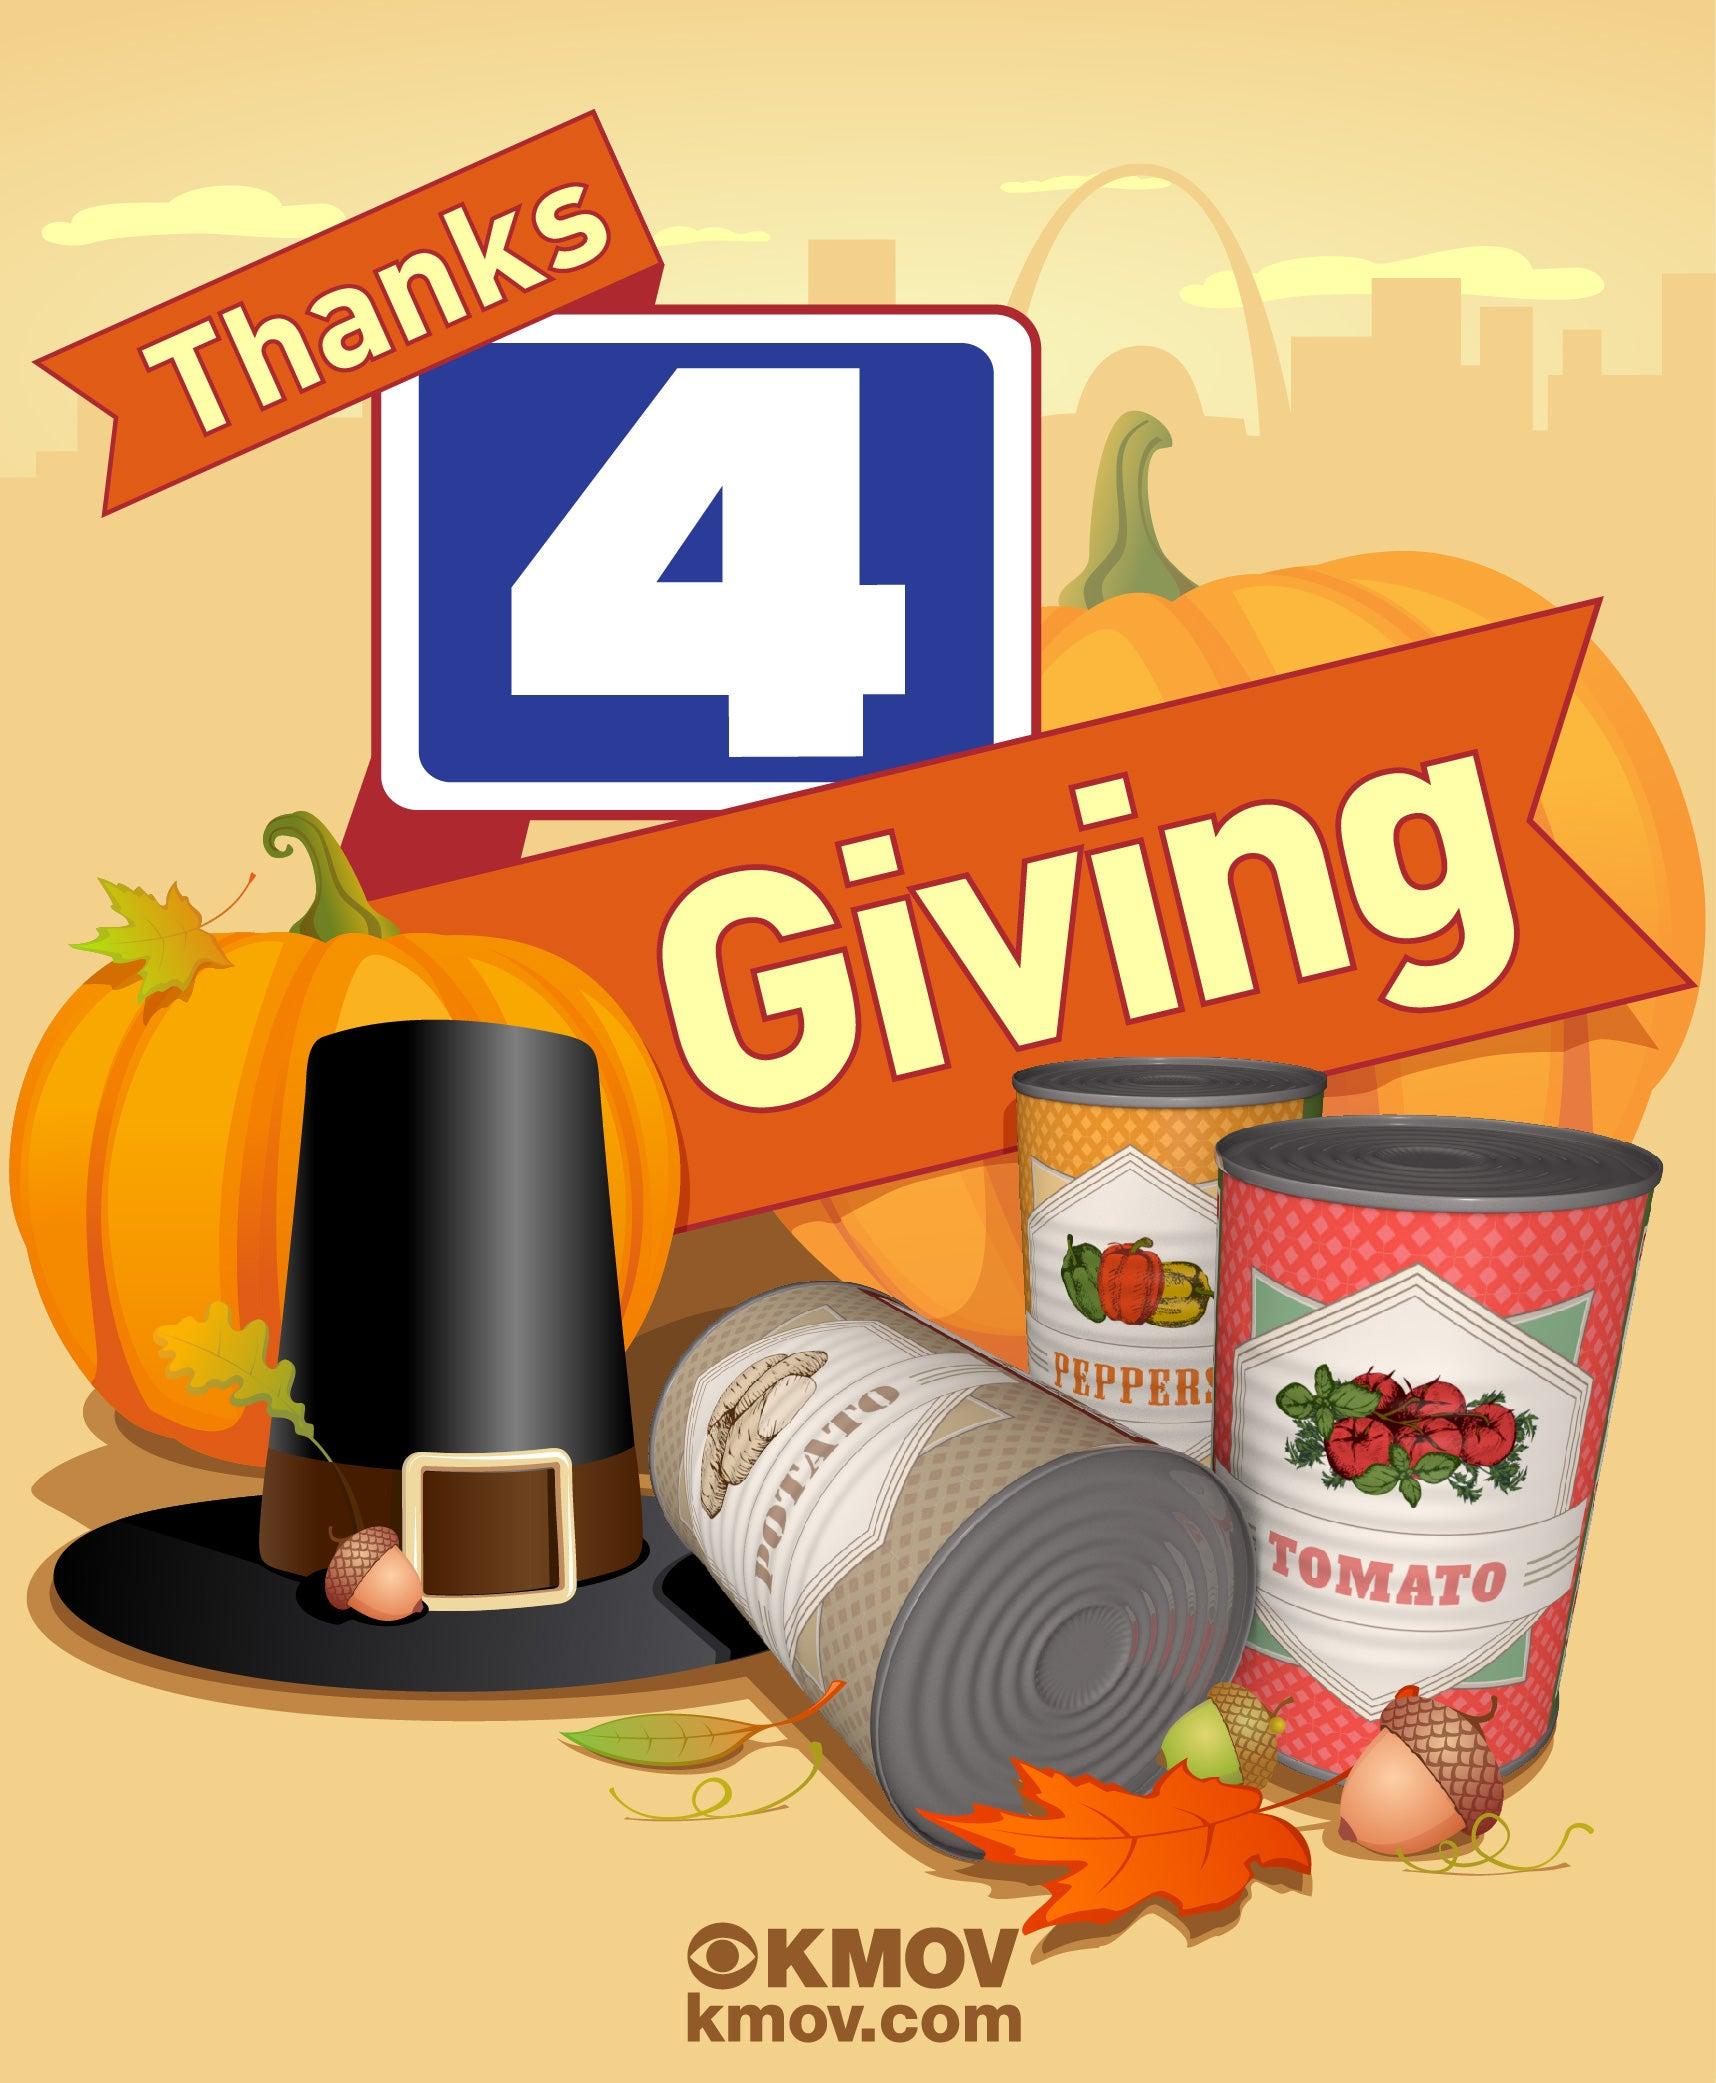 Thanks 4 Giving. KMOV.com